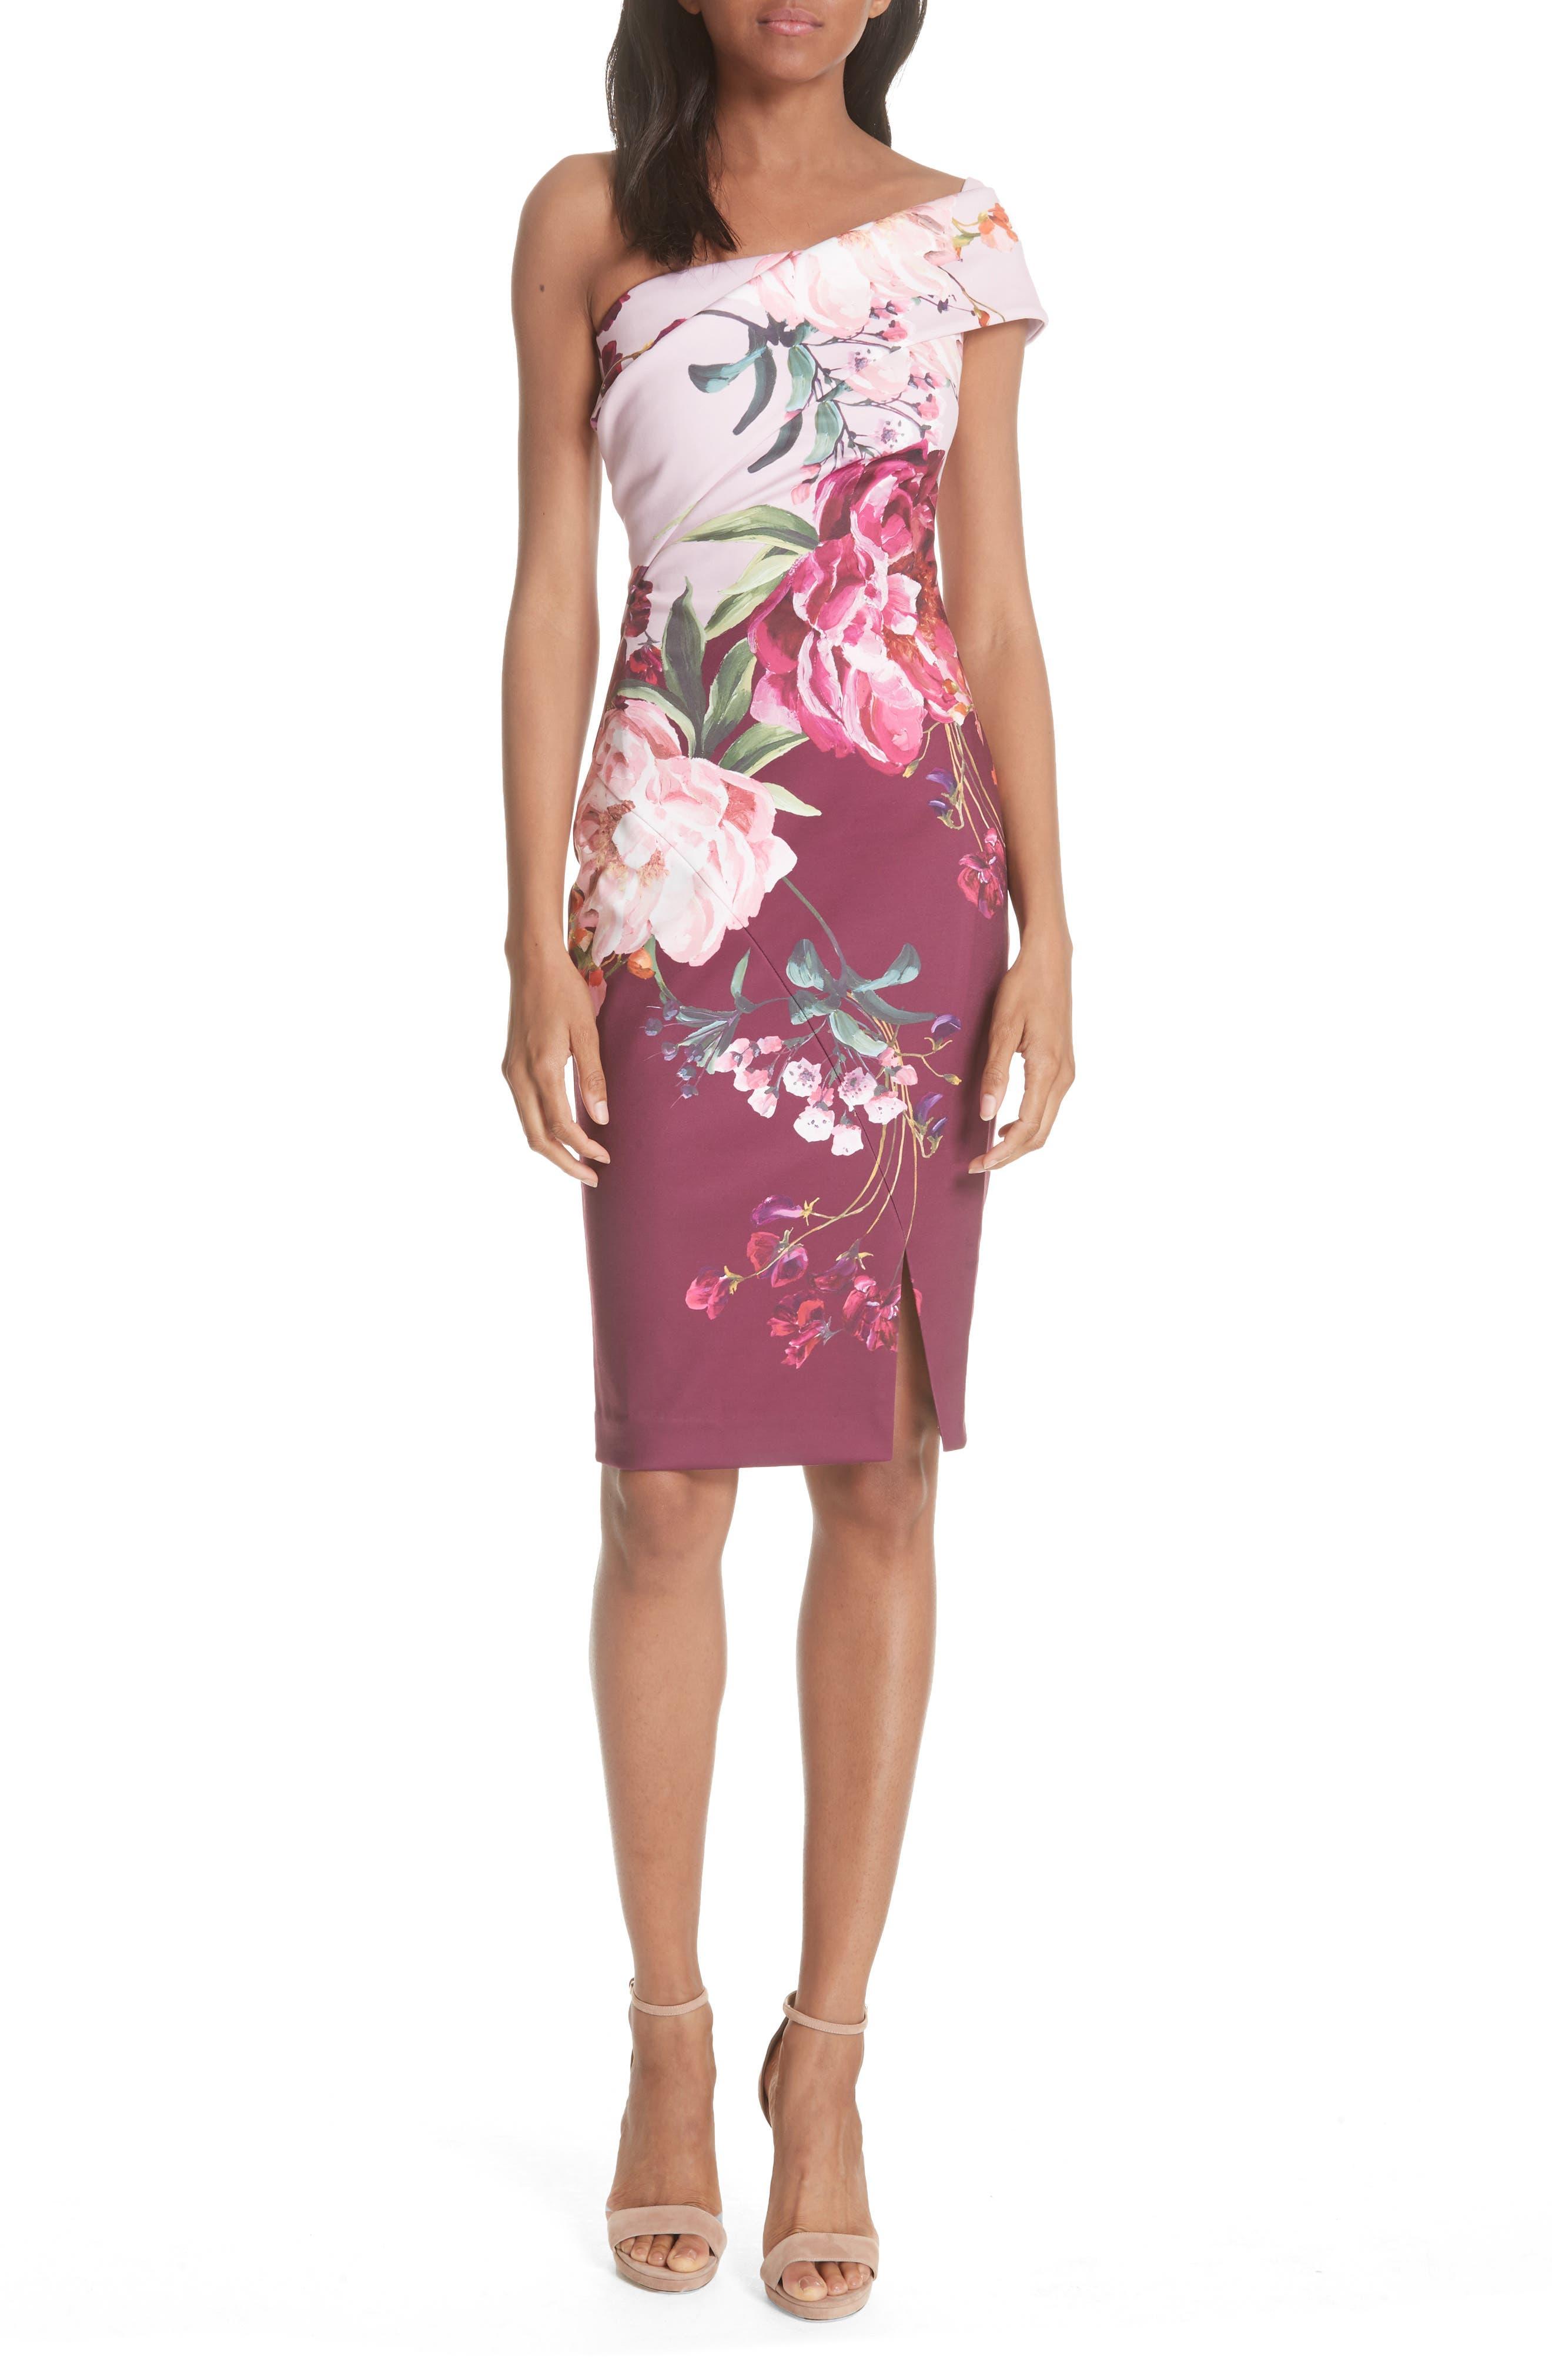 Irlina Serenity Sheath Dress,                             Main thumbnail 1, color,                             Lilac